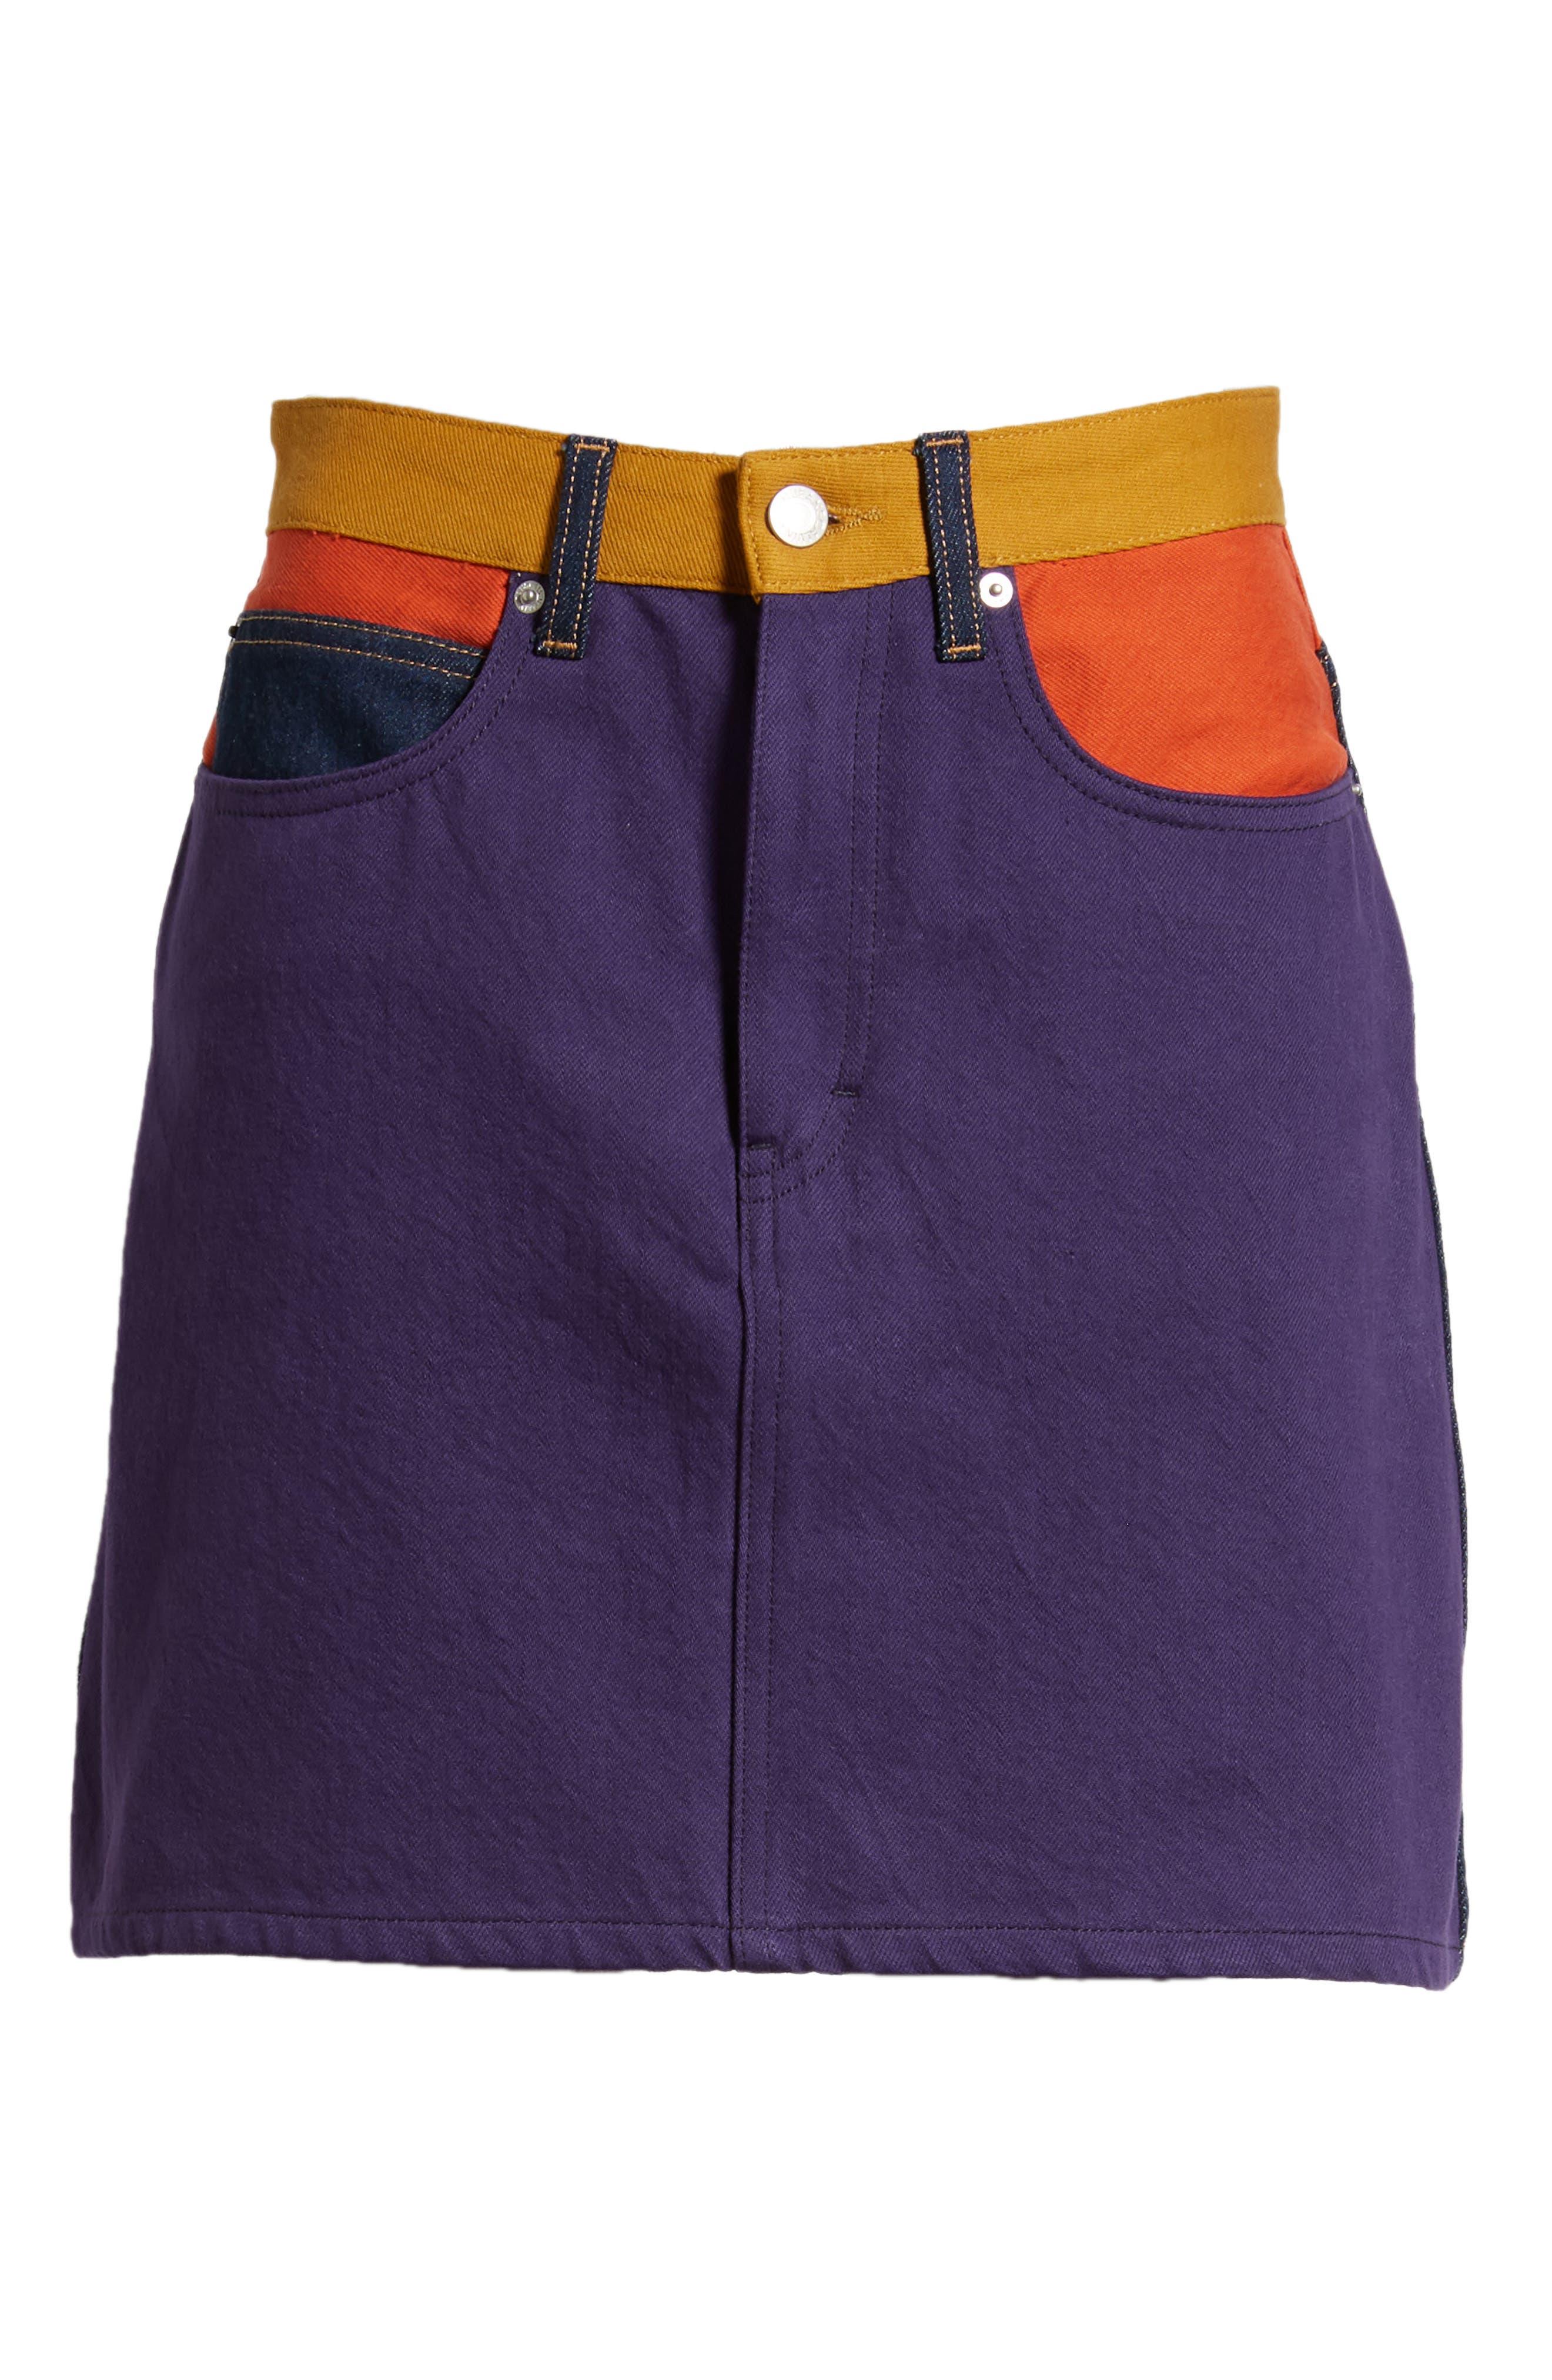 HR Miniskirt,                             Alternate thumbnail 7, color,                             UKELELY PATCH